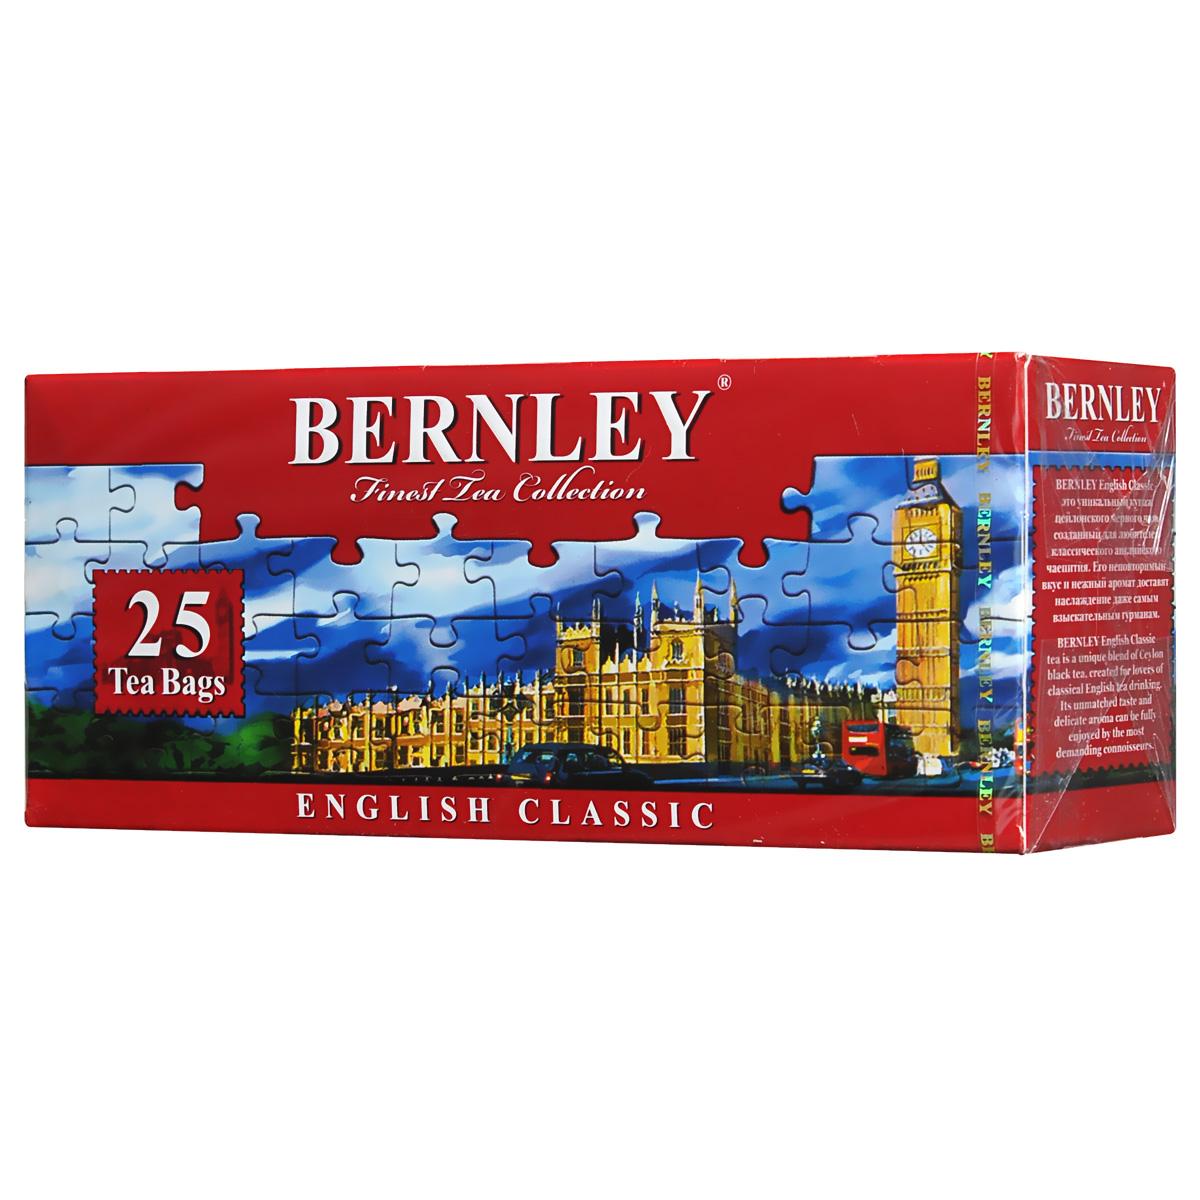 Bernley English Classic черный чай в пакетиках, 25 шт0120710Bernley English Classic - традиционный черный чай, созданный по классическому английскому рецепту, с густым, насыщенного цвета настоем и тонким ароматом, присущим лишь лучшим сортам цейлонского чая. Вкус терпкий, сбалансированный, с утонченными оригинальными оттенками.